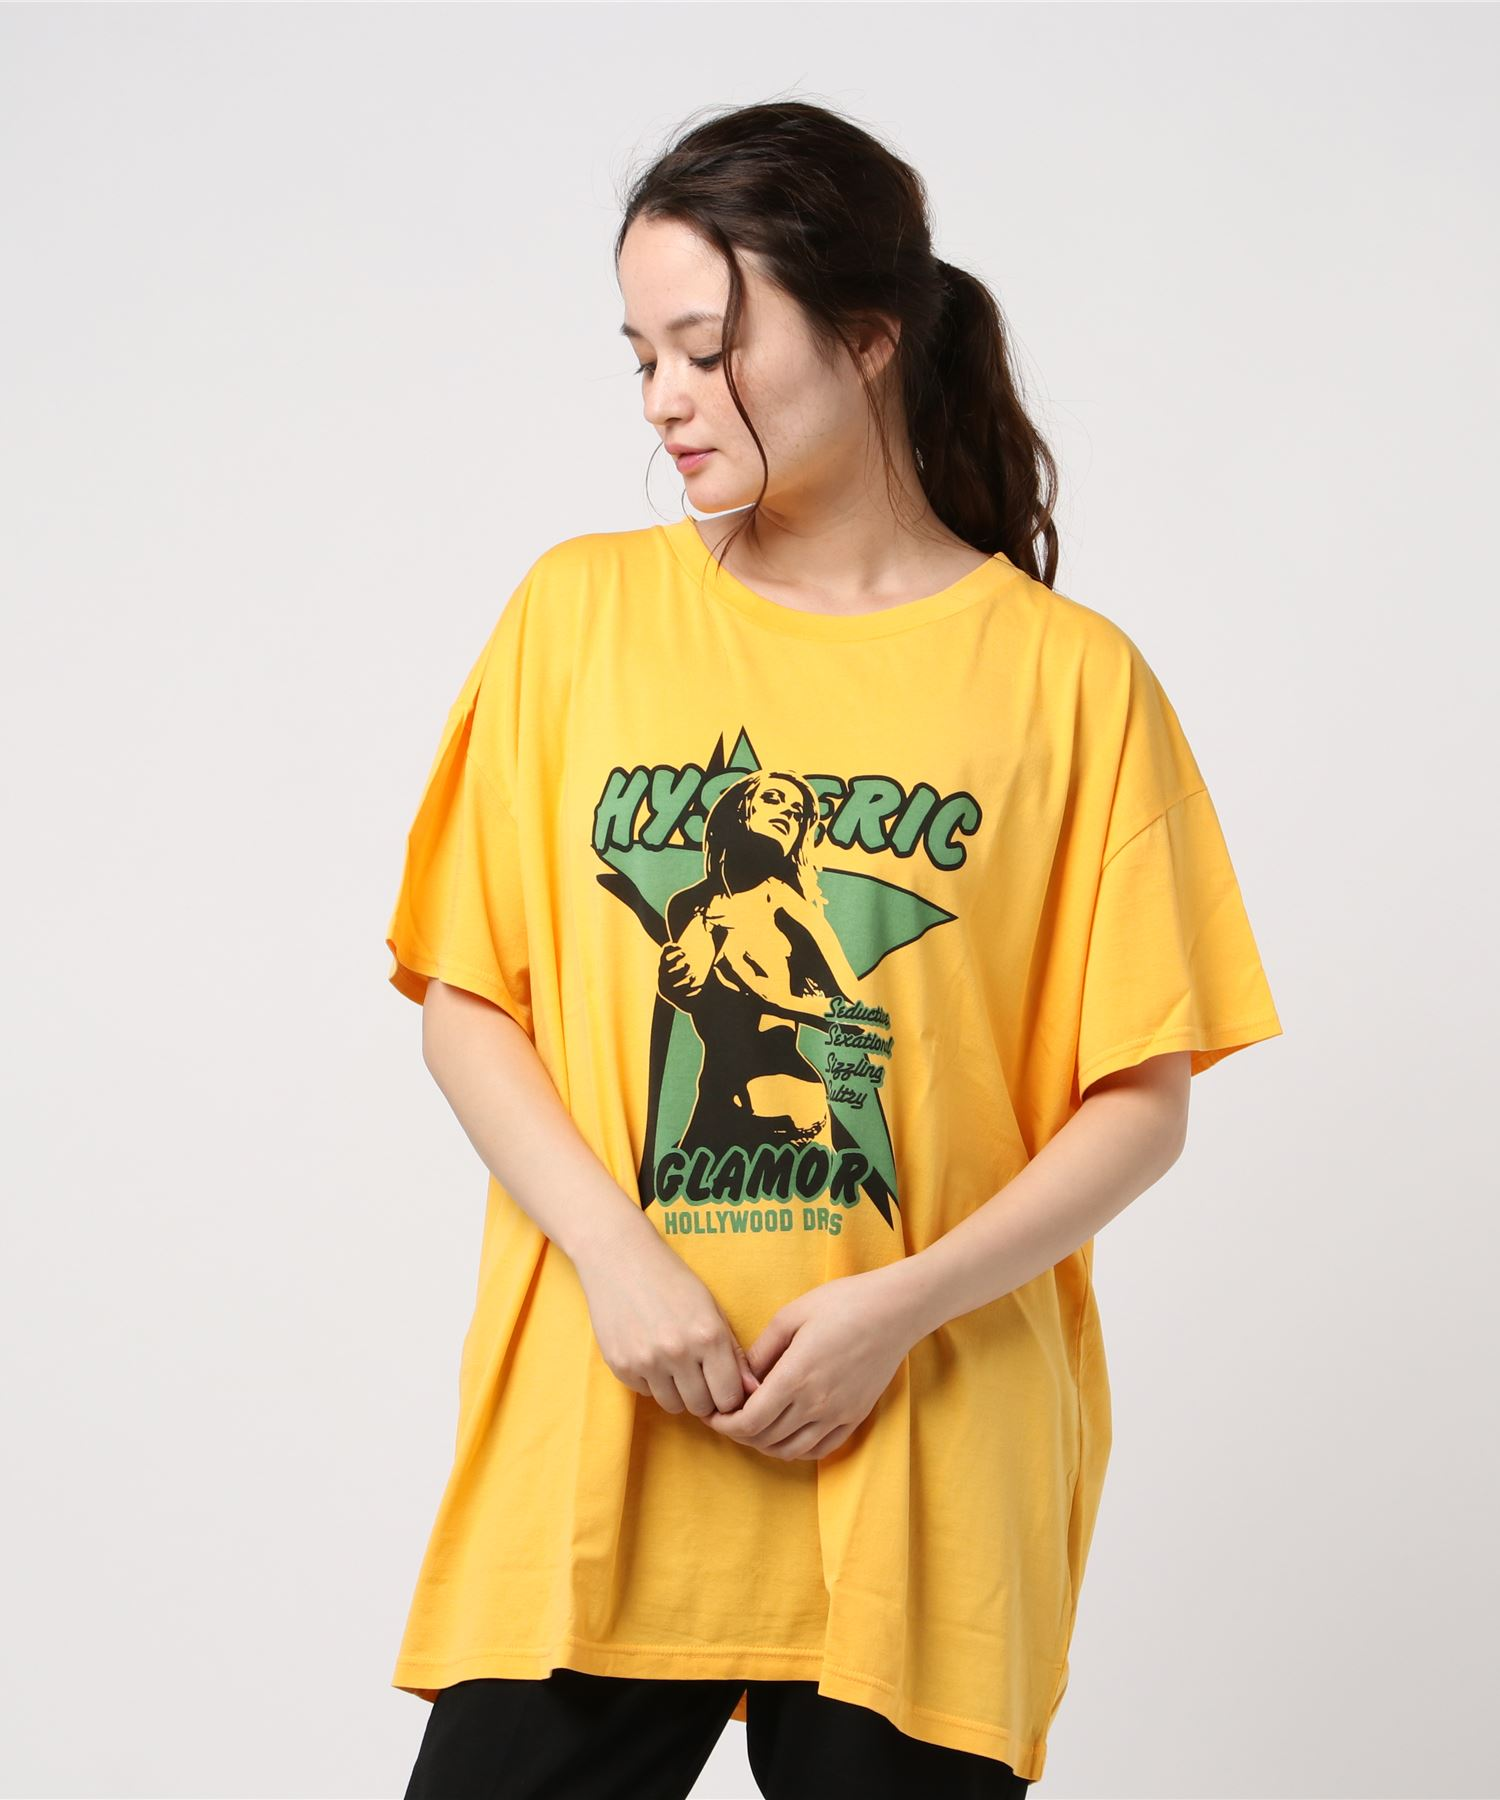 HOLLYWOOD DREAMS ビッグTシャツ